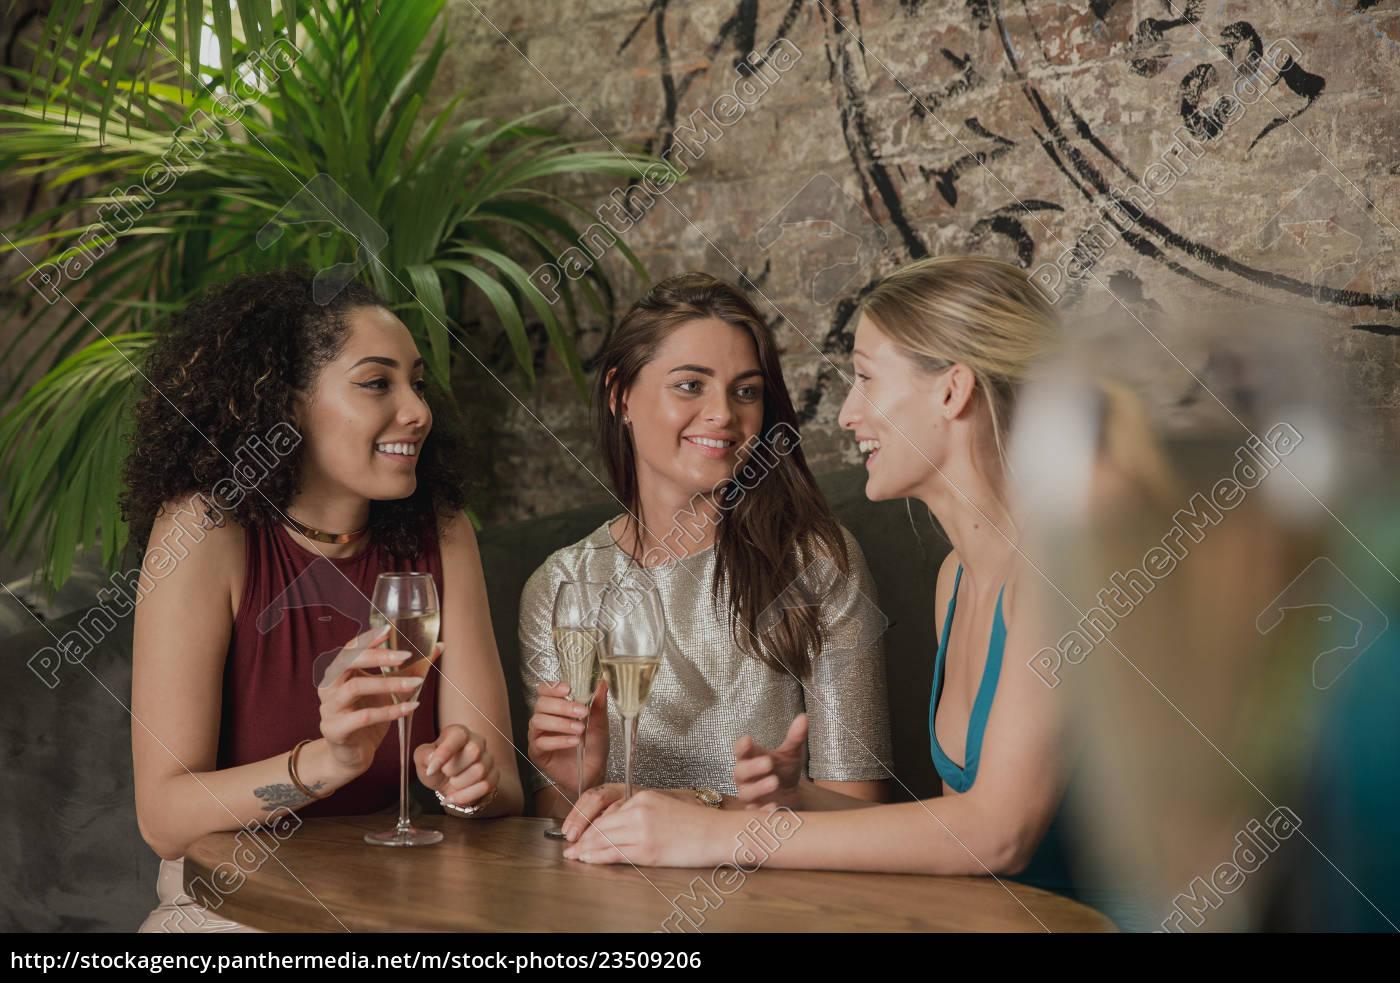 friends, enjoying, drinks - 23509206